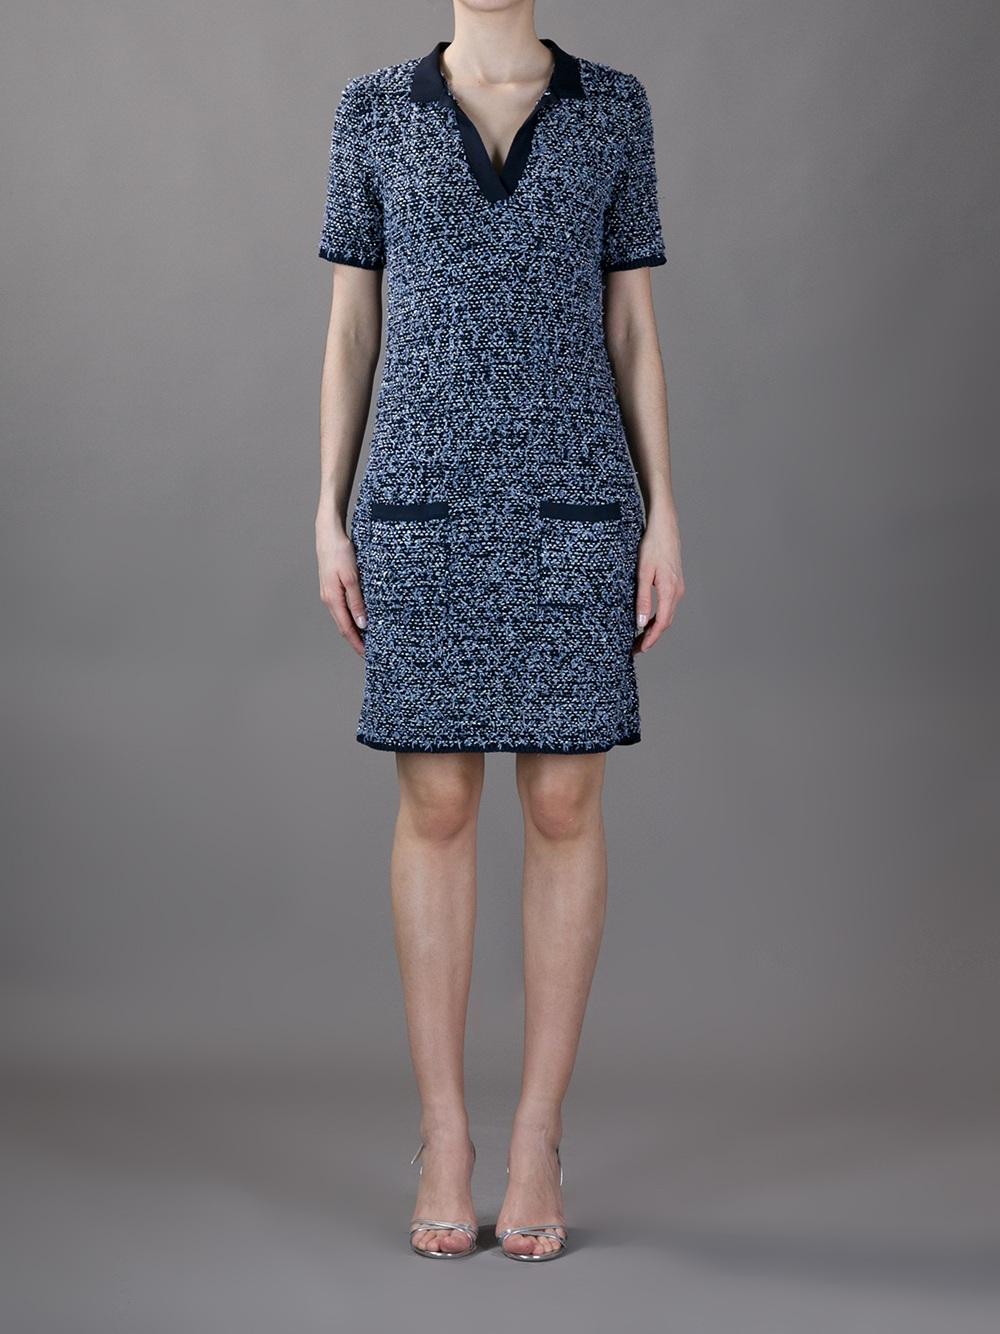 f914beb4b113 Lanvin Tweed Dress in Blue - Lyst